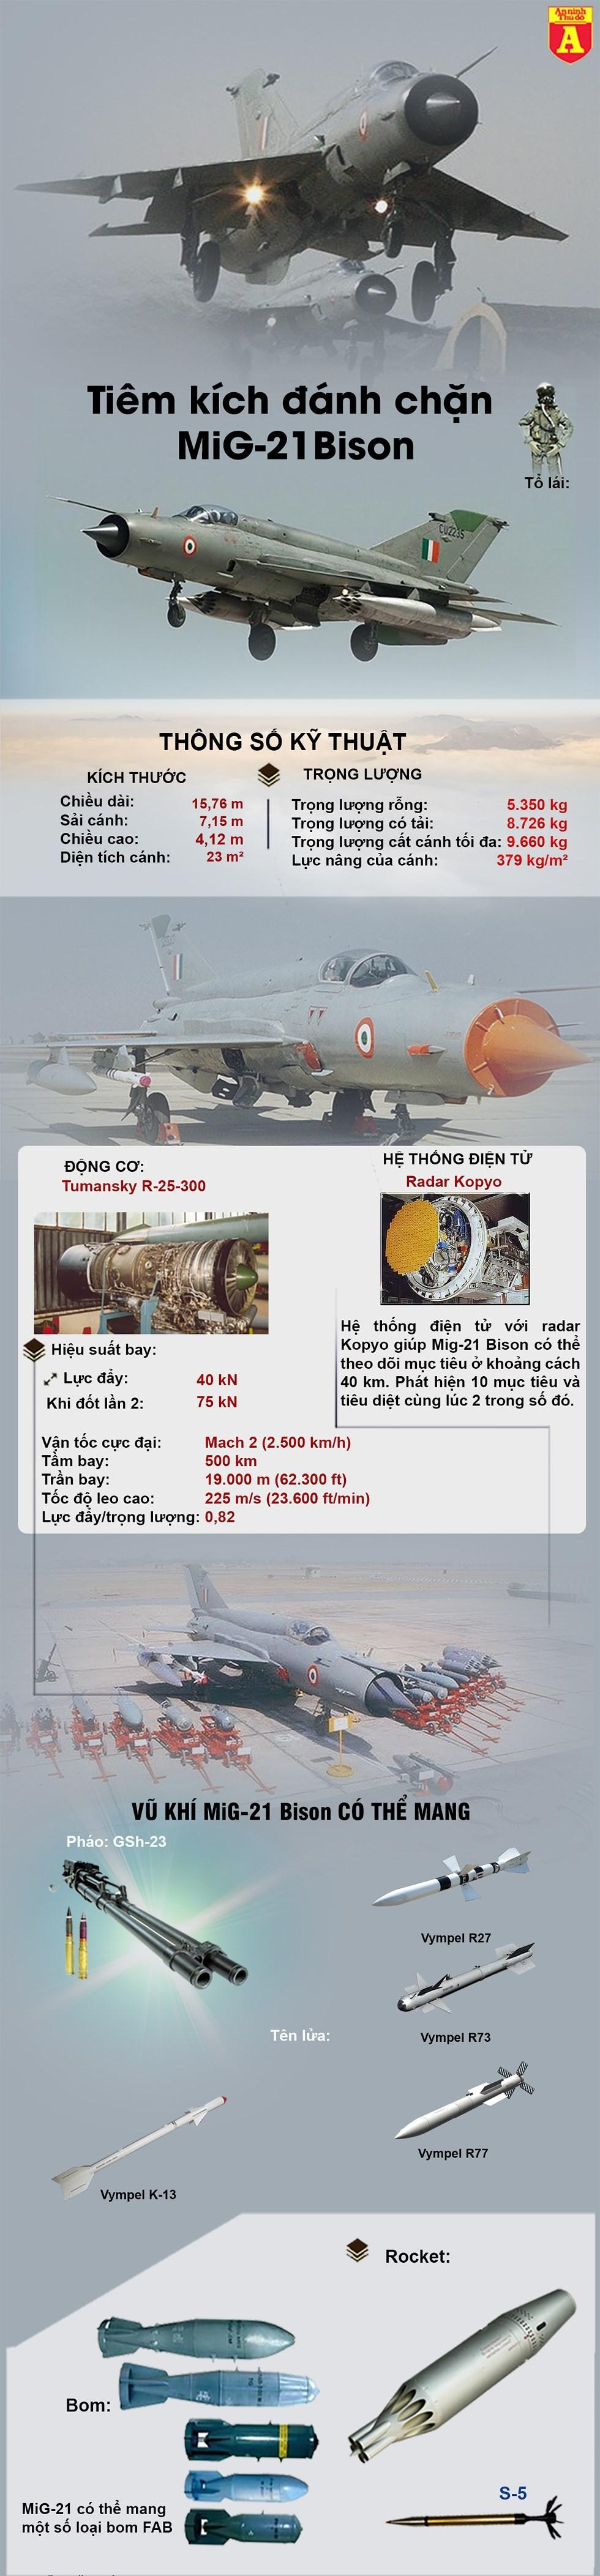 [Info] Tiết lộ sốc: MiG-21 Bison Ấn Độ không thần thánh và đã thất bại khi bắn hạ F-16 Pakistan ảnh 3